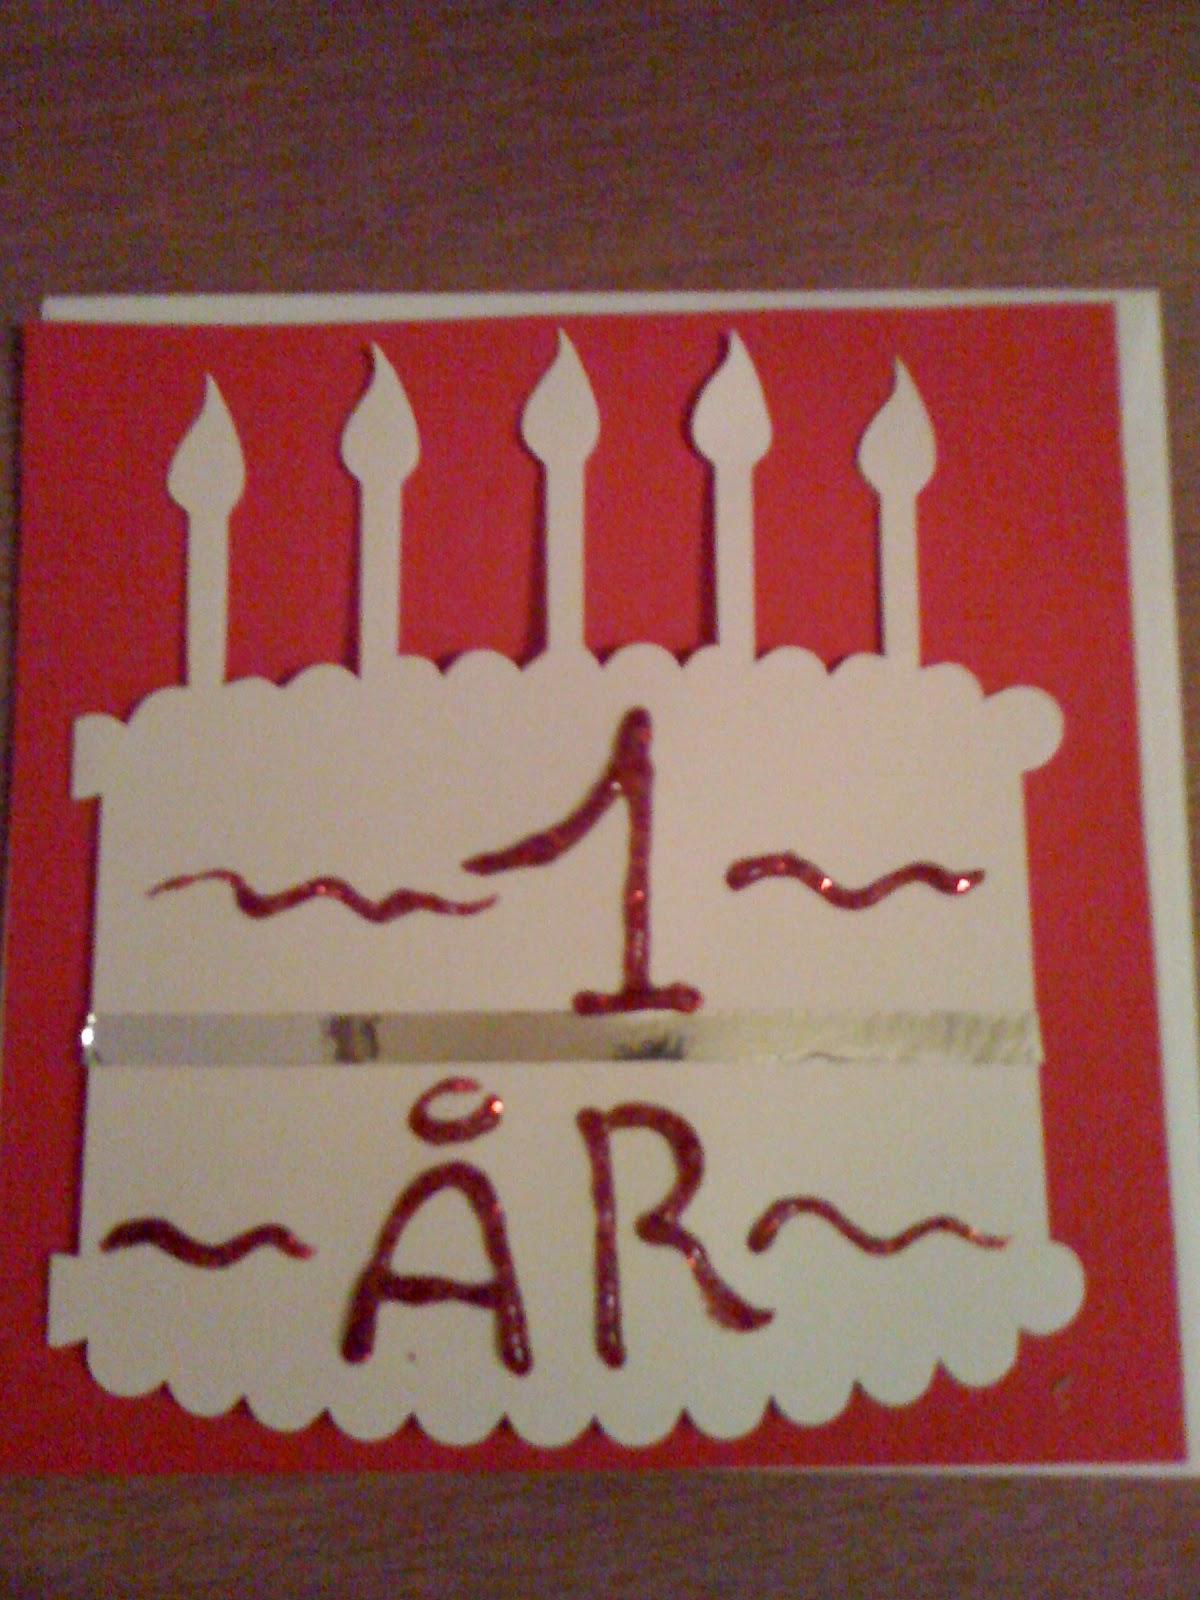 Fødselsdags lagkage kort